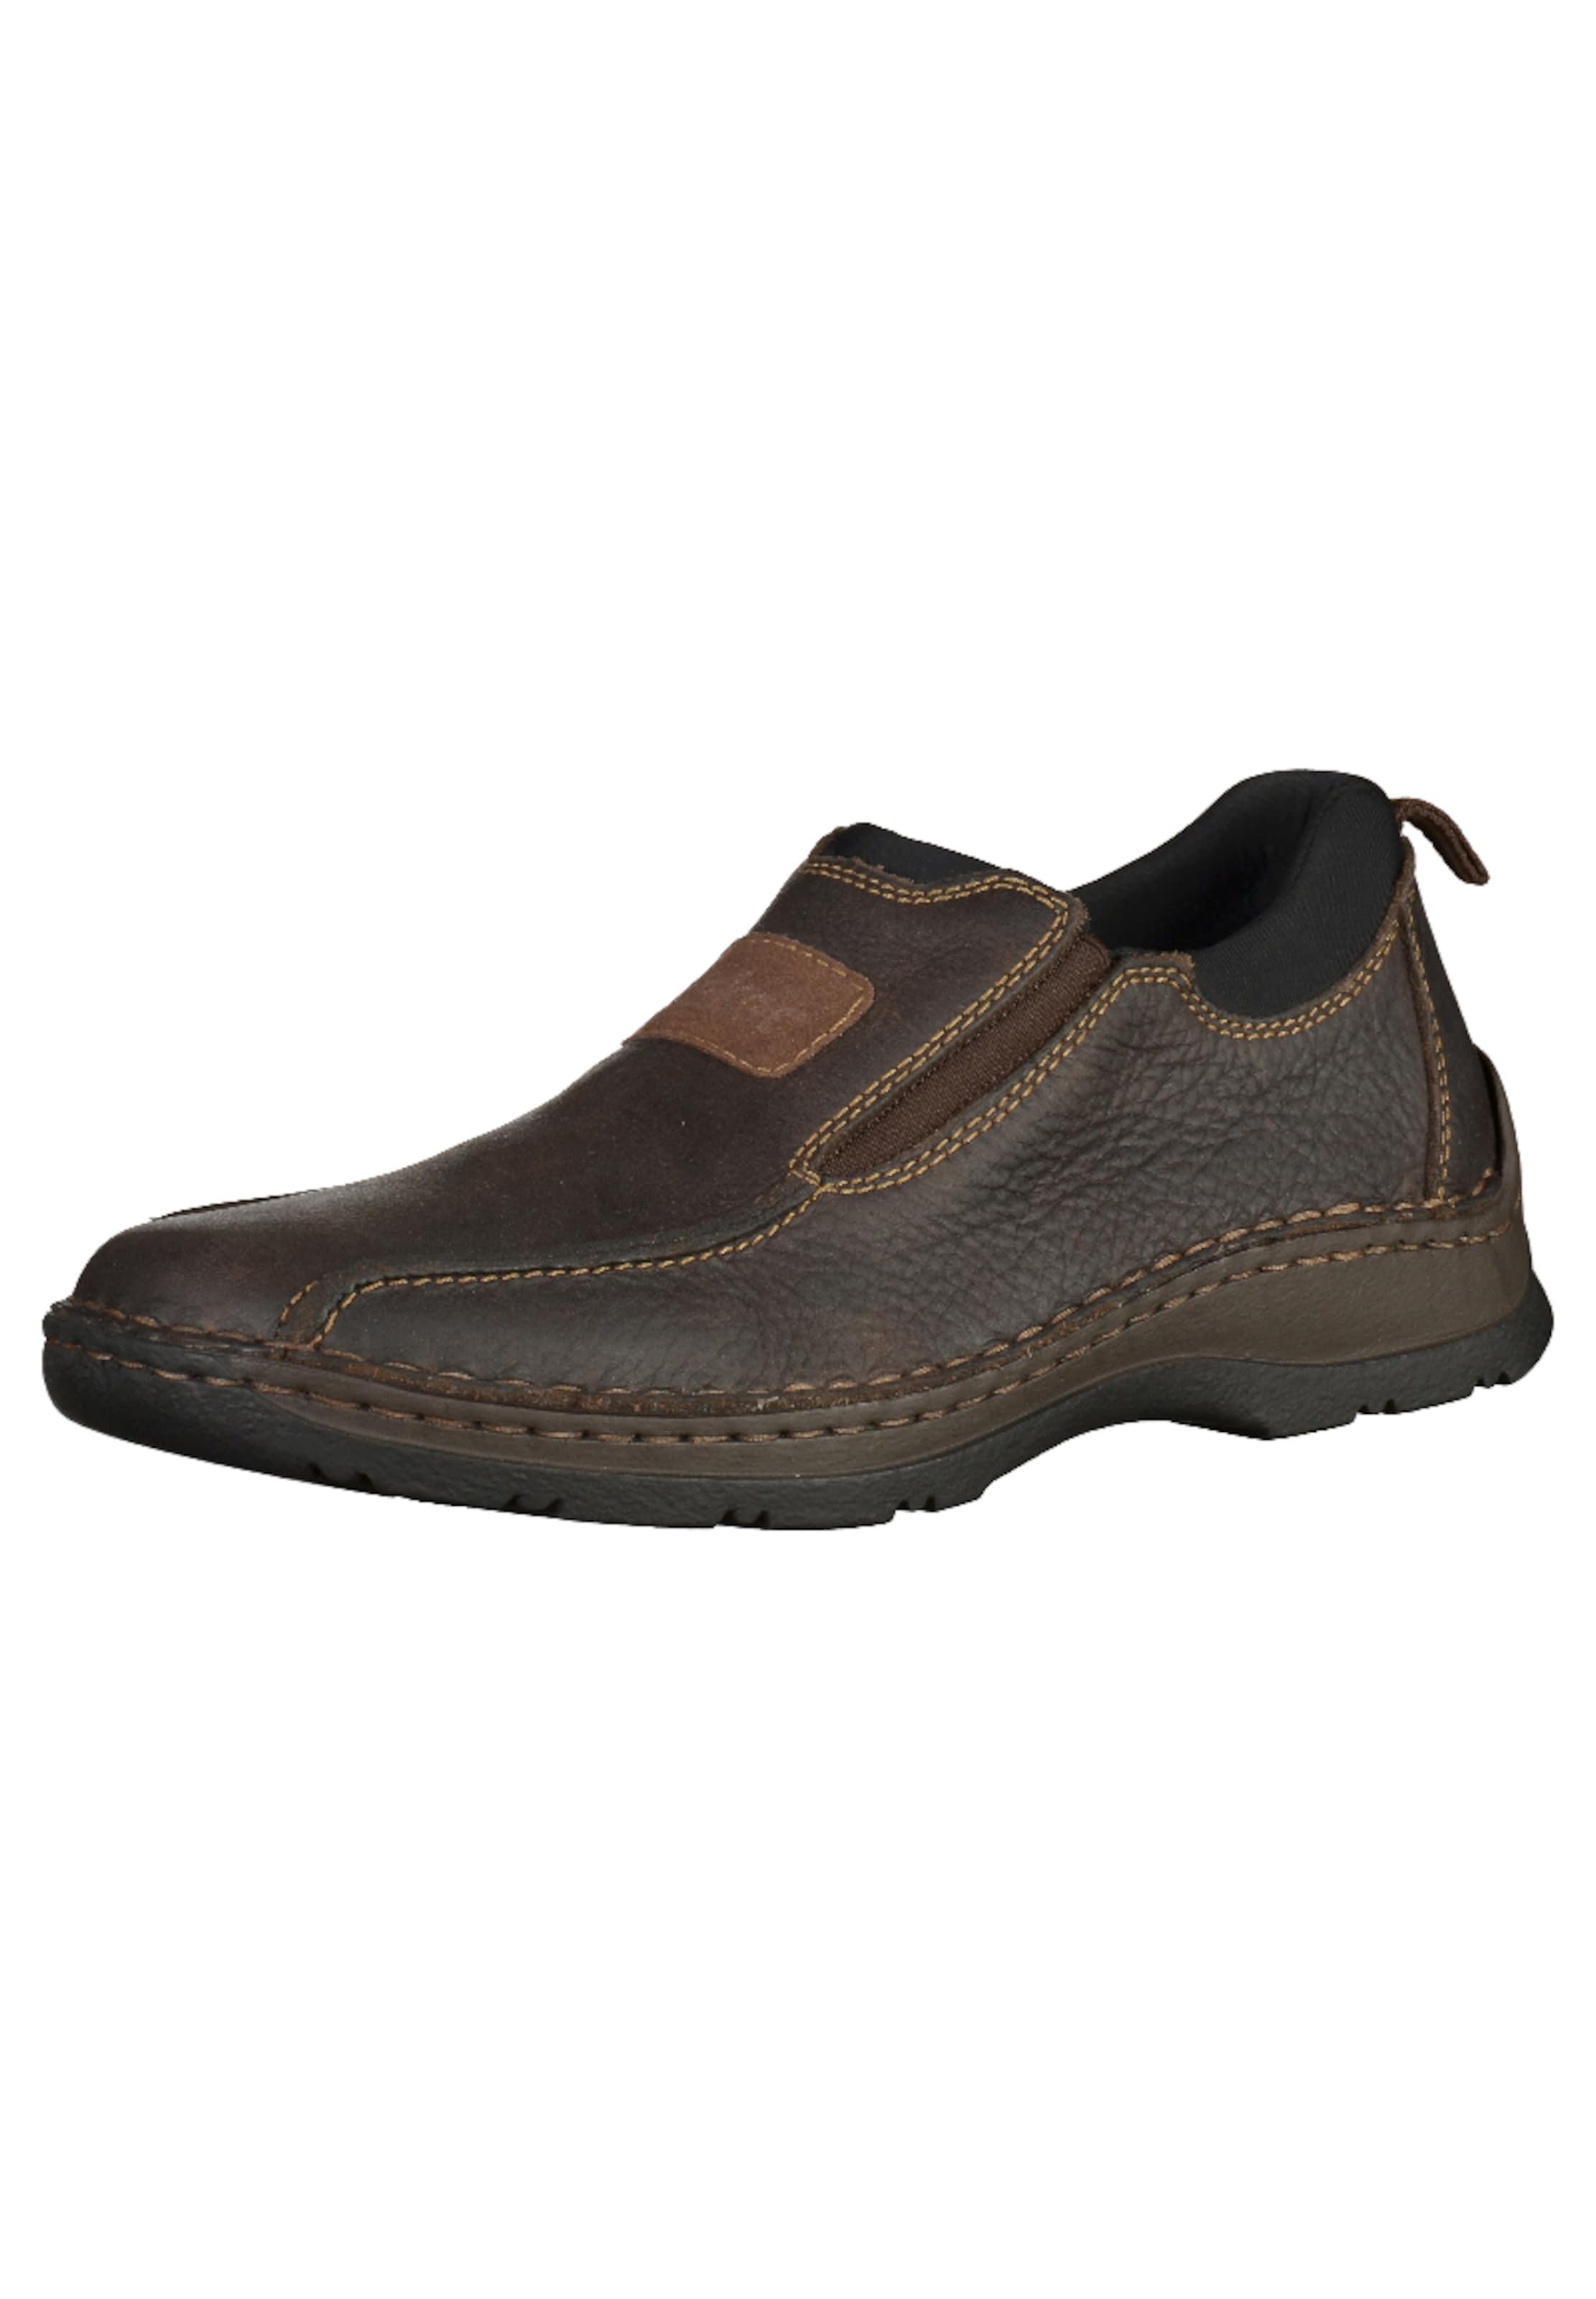 RIEKER Slipper Günstige und langlebige Schuhe